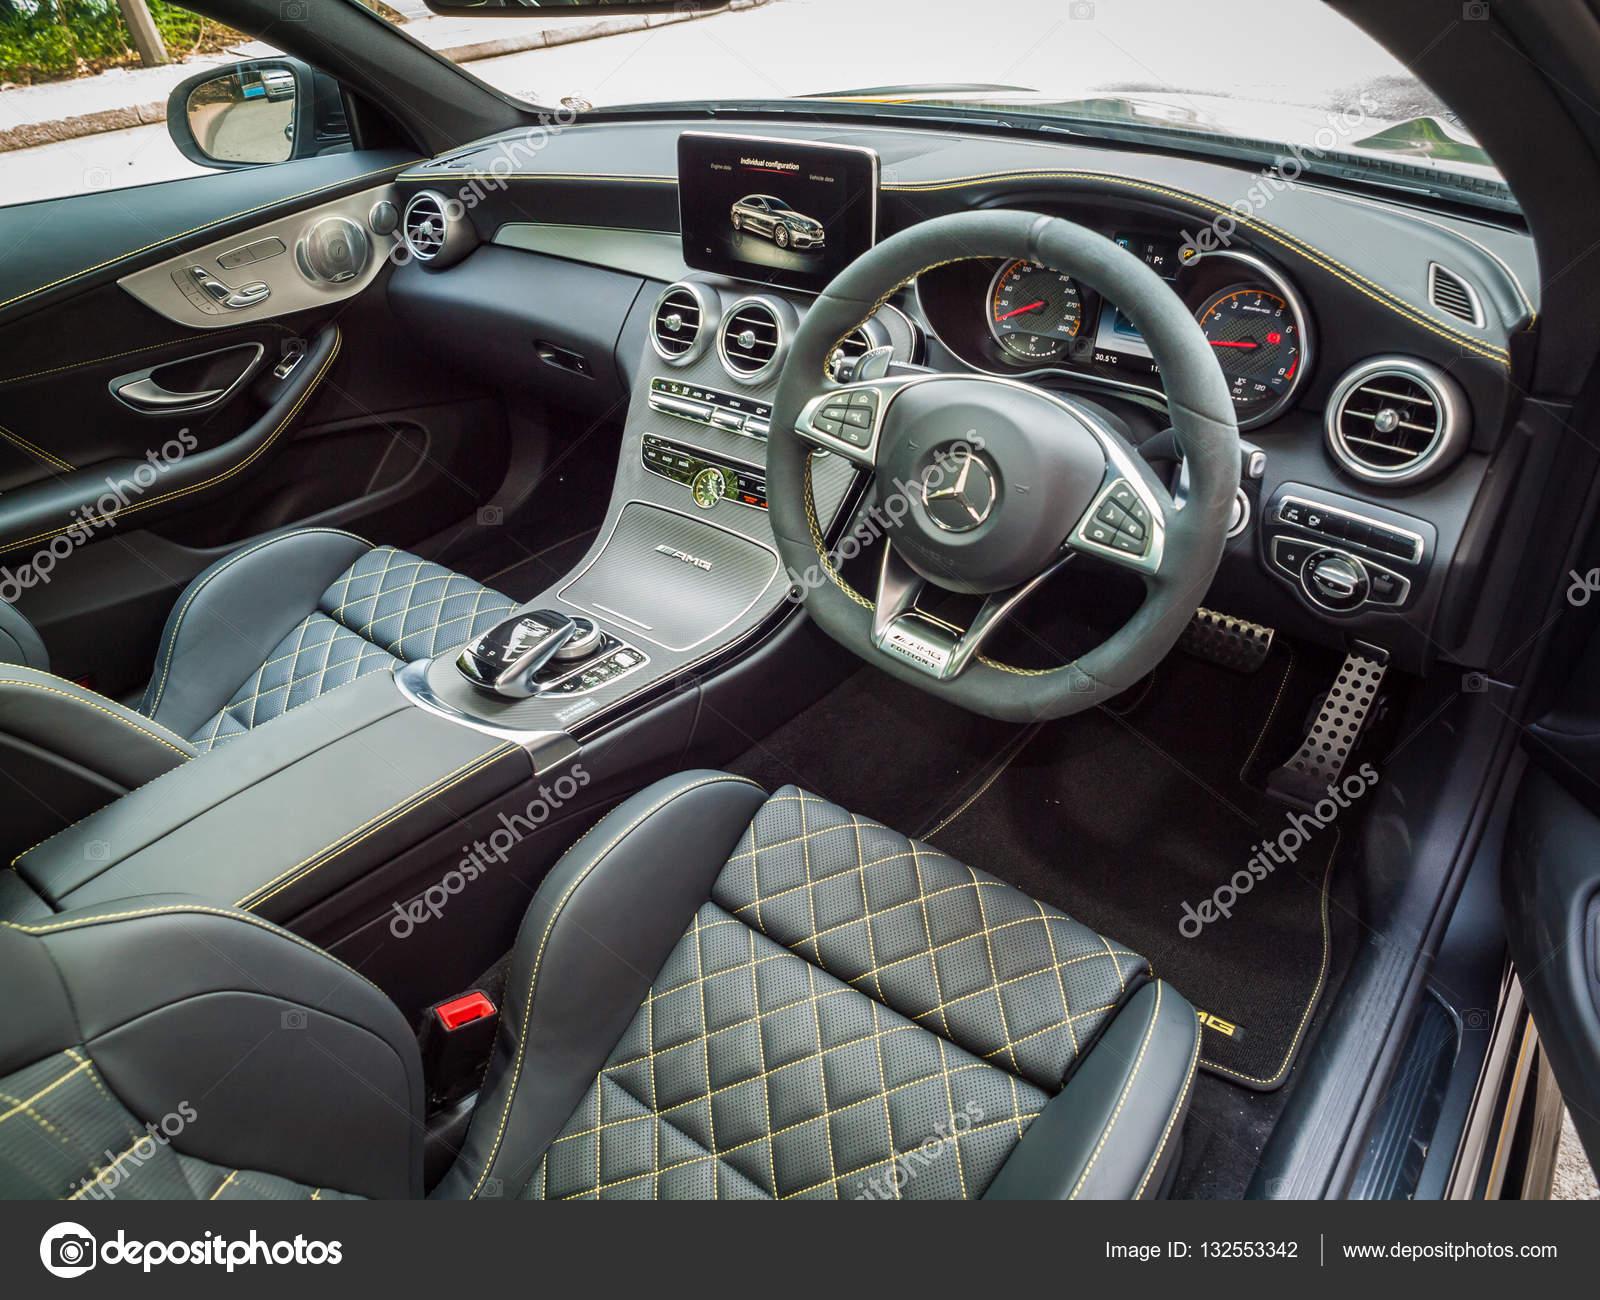 Mercedes-Amg C 63 S Coupe Interieur — Redaktionelles Stockfoto ...